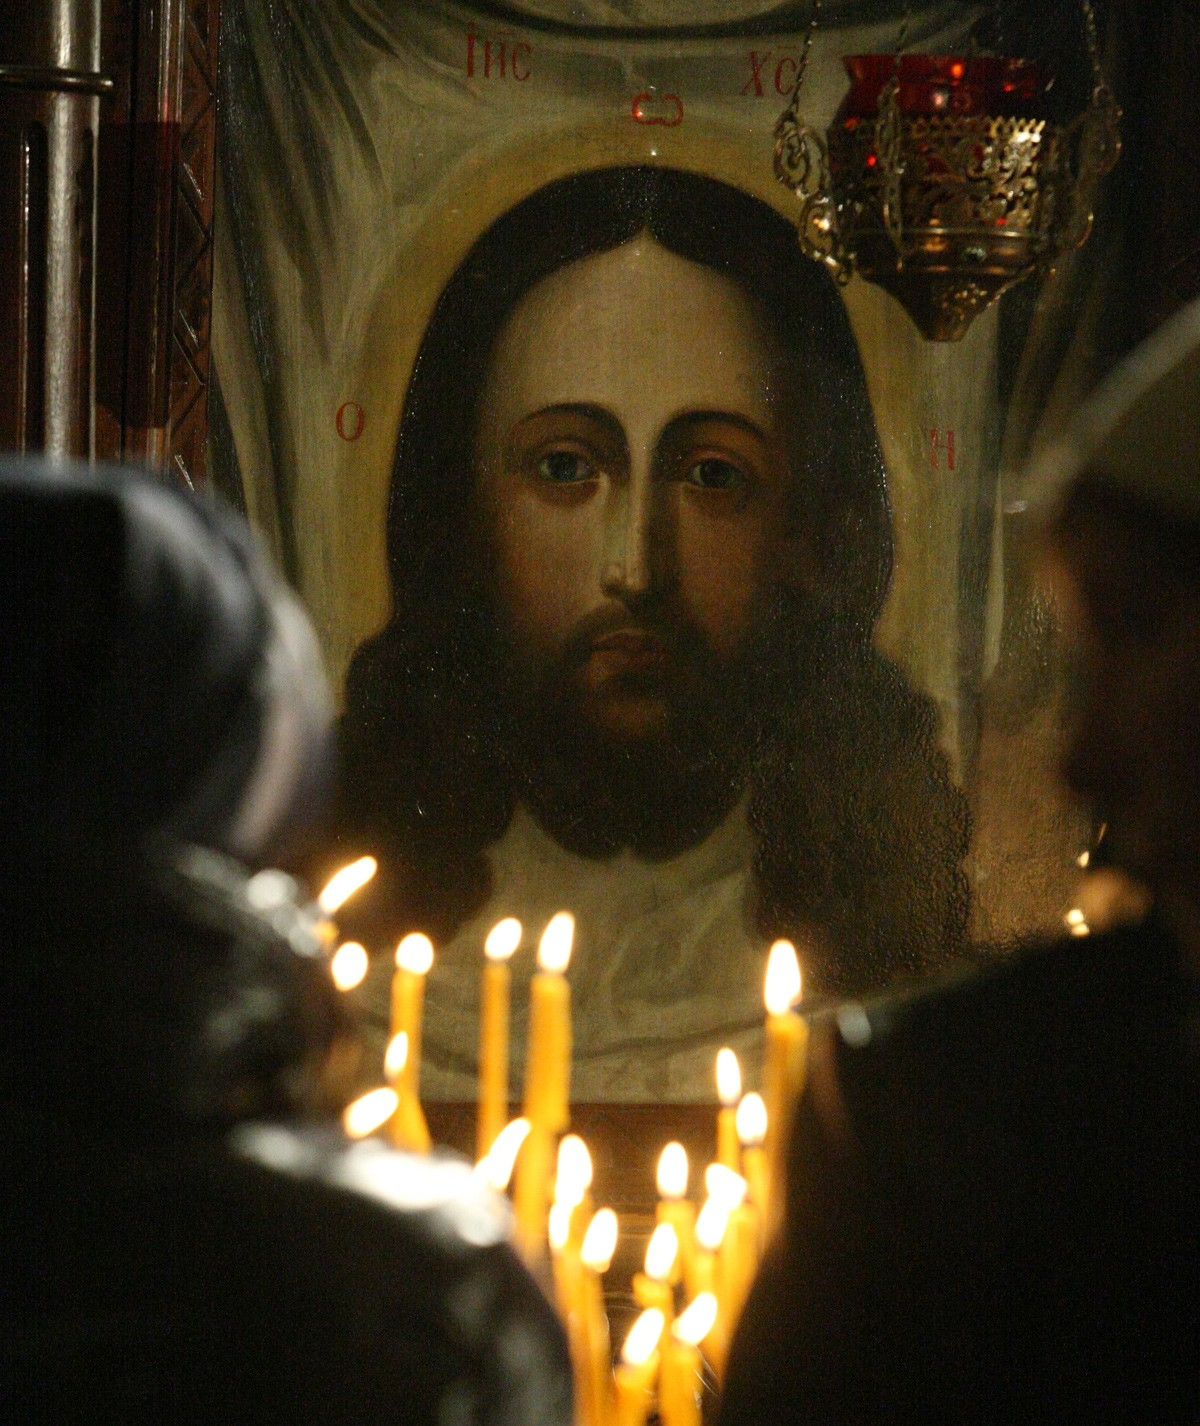 икона, Иисус Христос, свеча, храм, молитва, свеча, огонь